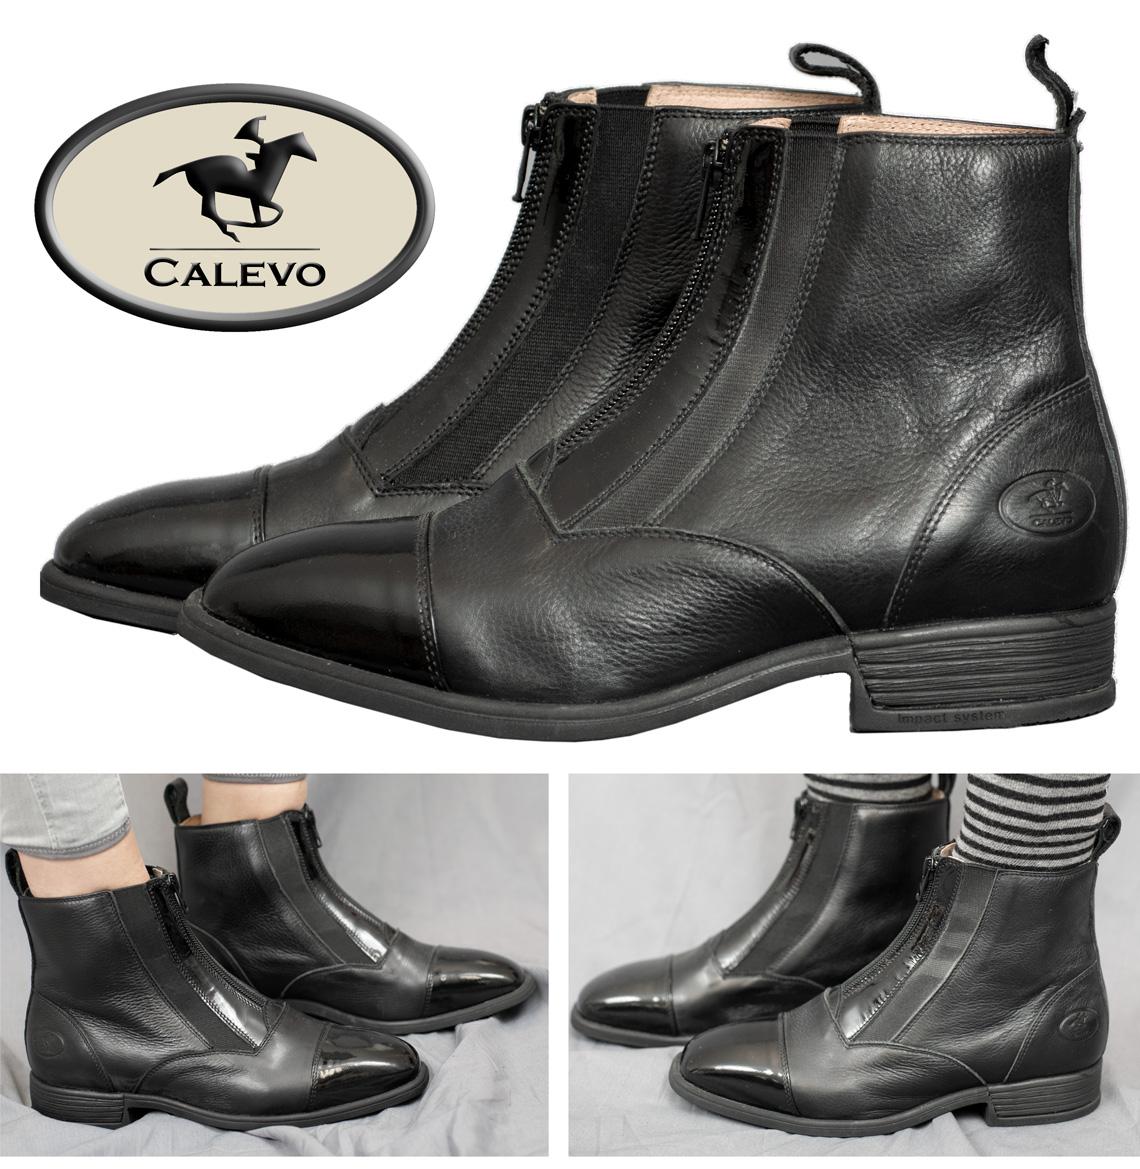 Calevo - LACK Stiefelette PARIS